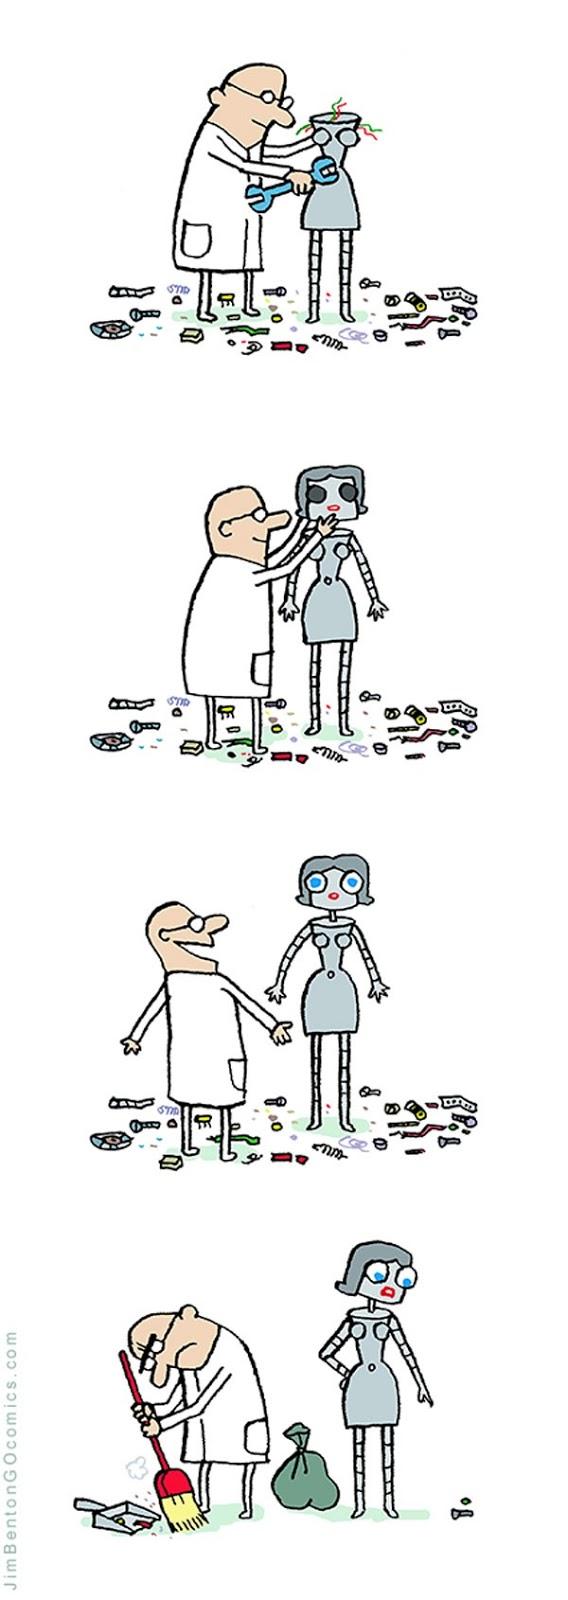 Meme de humor sobre robots